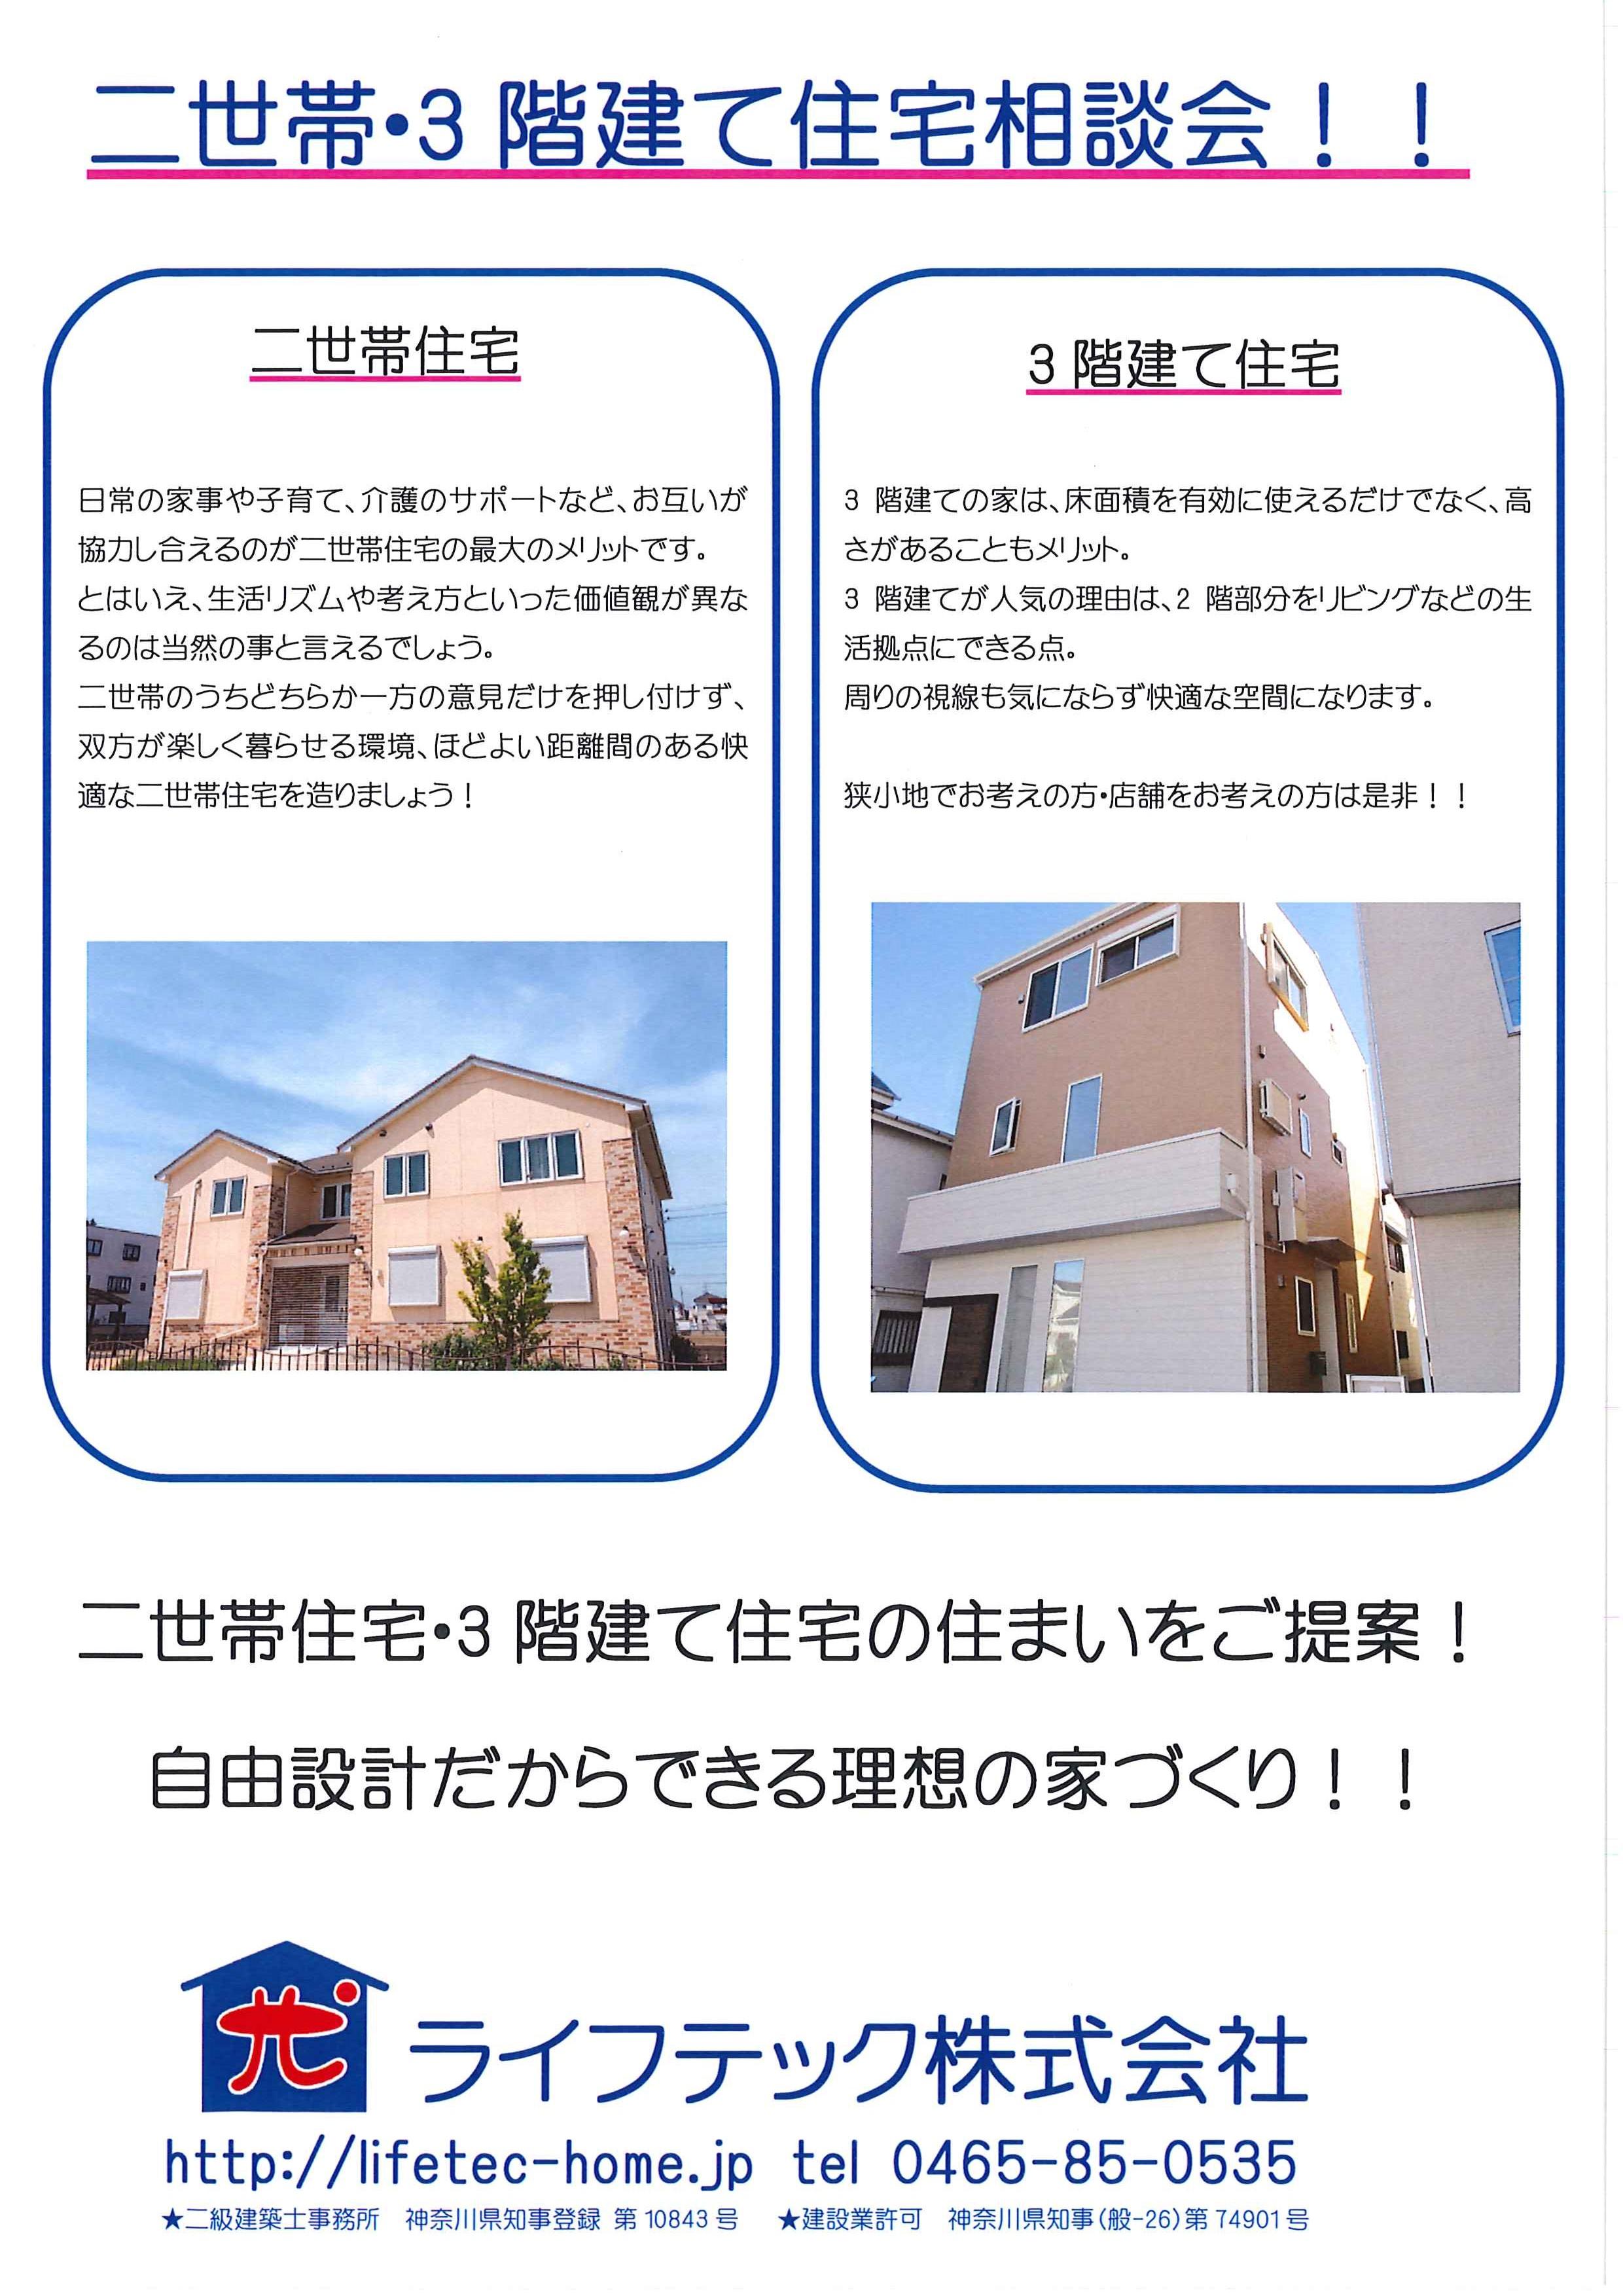 新築 二世帯・3階建て住宅相談会のお知らせ! 小田原市